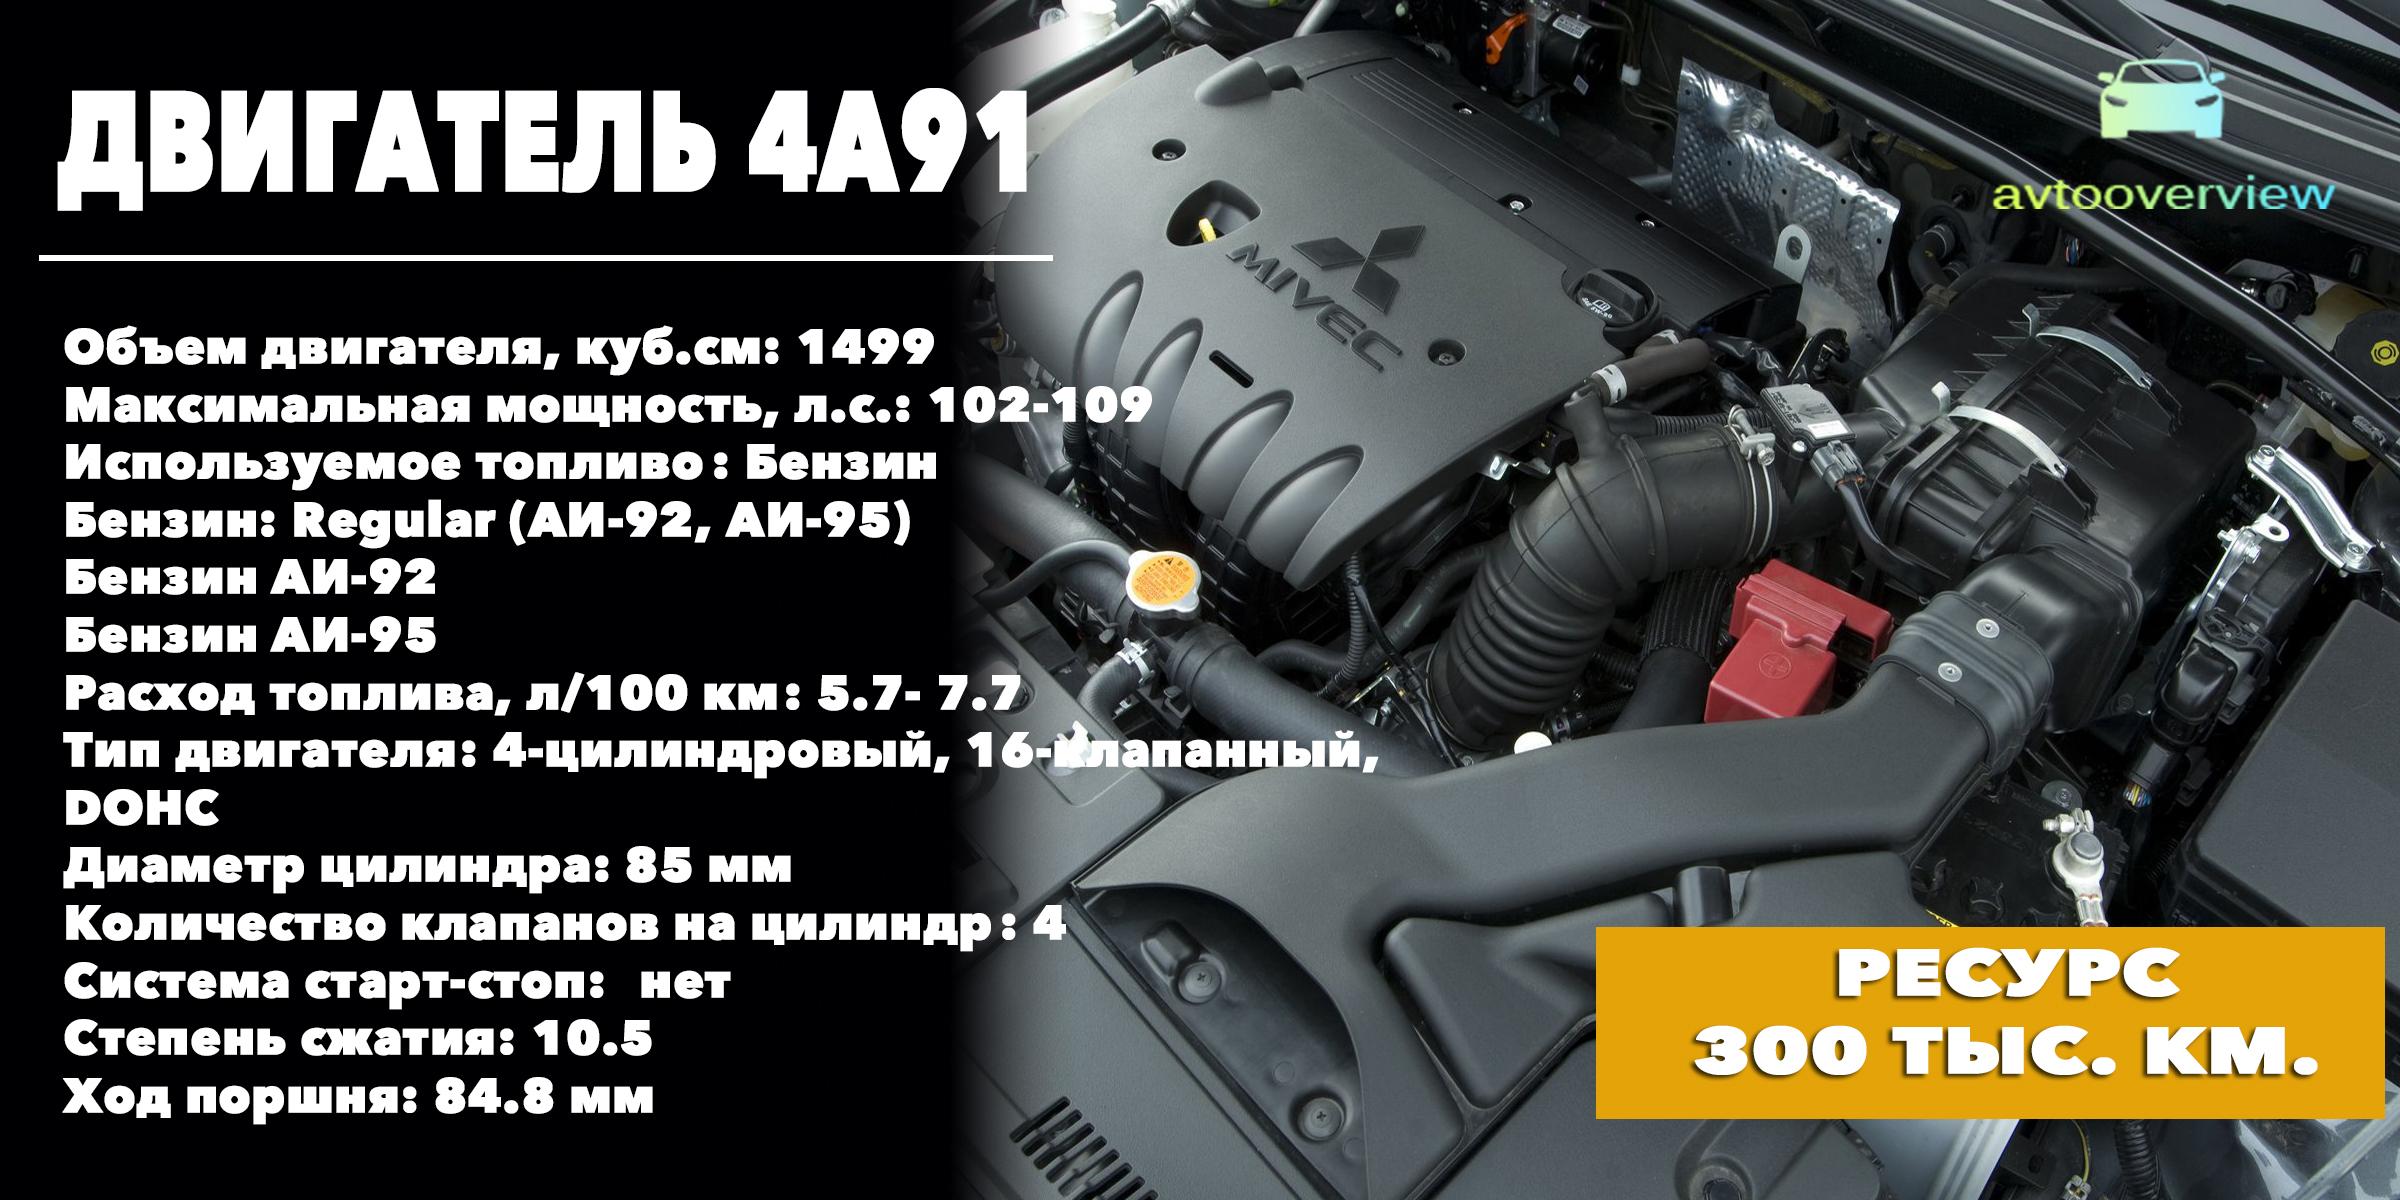 1.5-литровый 4А91: потенциальный ресурс